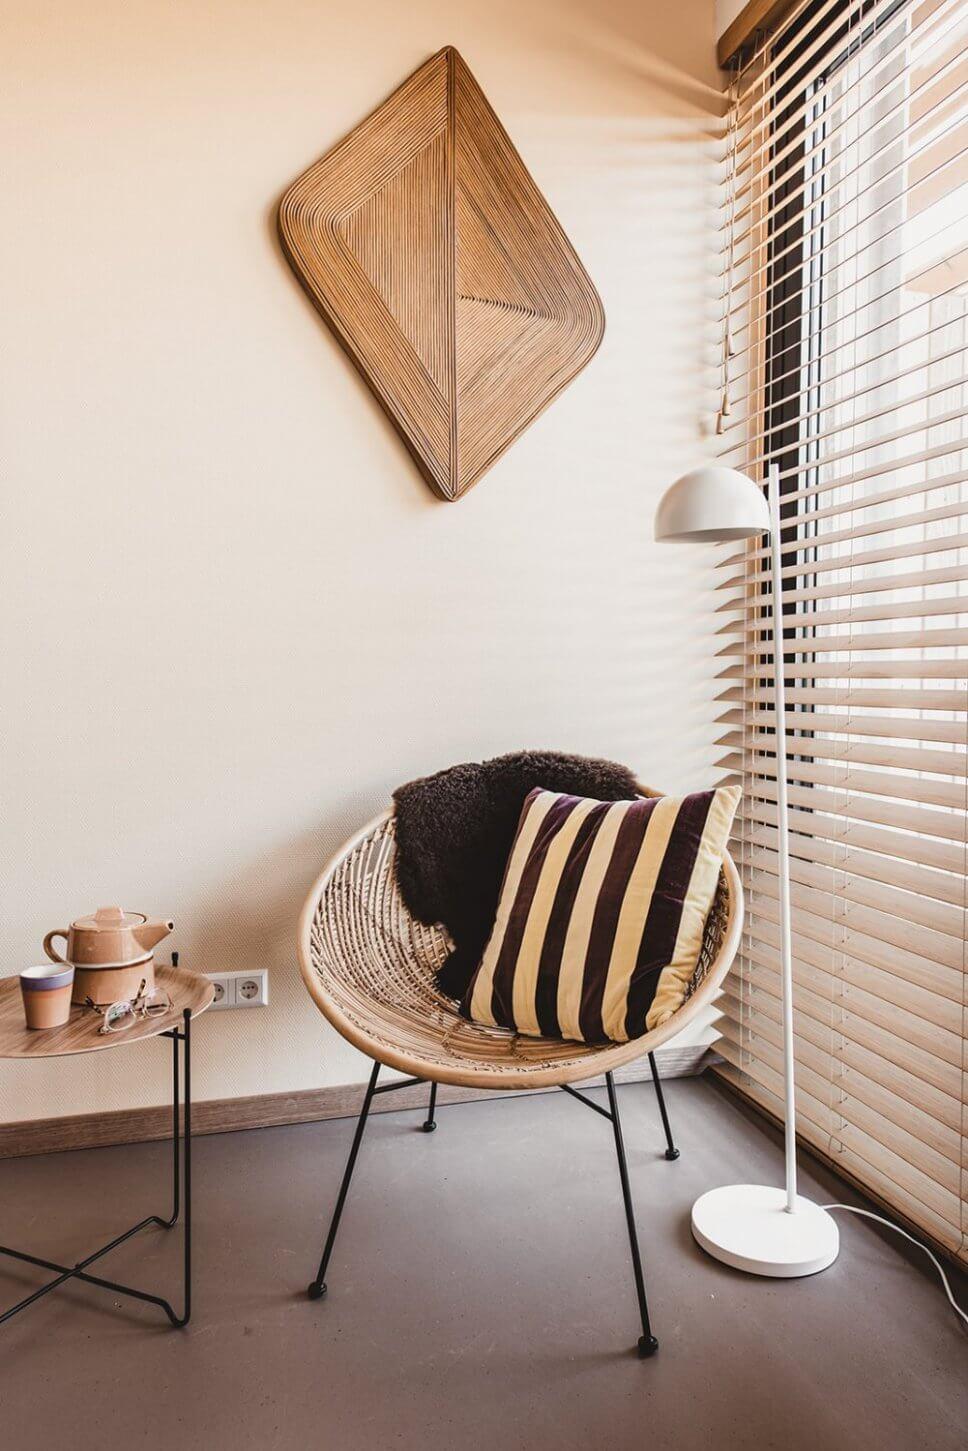 Modern eingerichteter Wohnraum mit Korbsessel, auf dem ein gestreiftes Kissen und ein Schaffell liegen